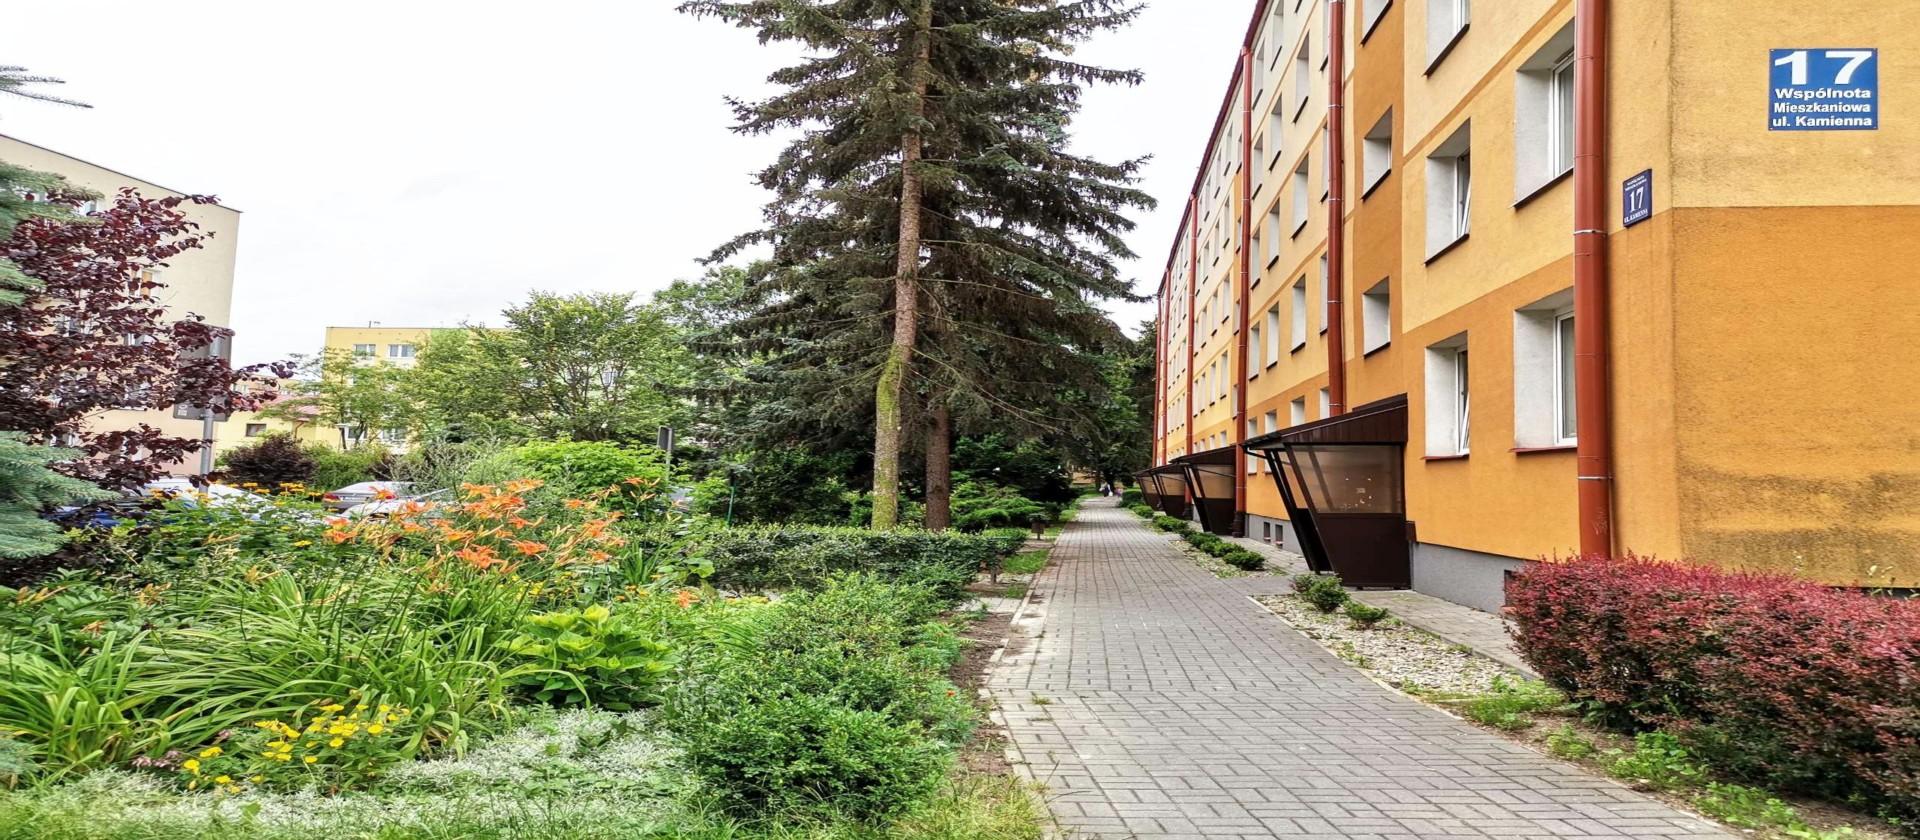 mieszkanie zamosc - Nieruchomości Krzysztof Górski Zamość, biuro nieruchomości, domy, mieszkania, działki, lokale, sprzedaż nieruchomości, wynajem nieruchomości